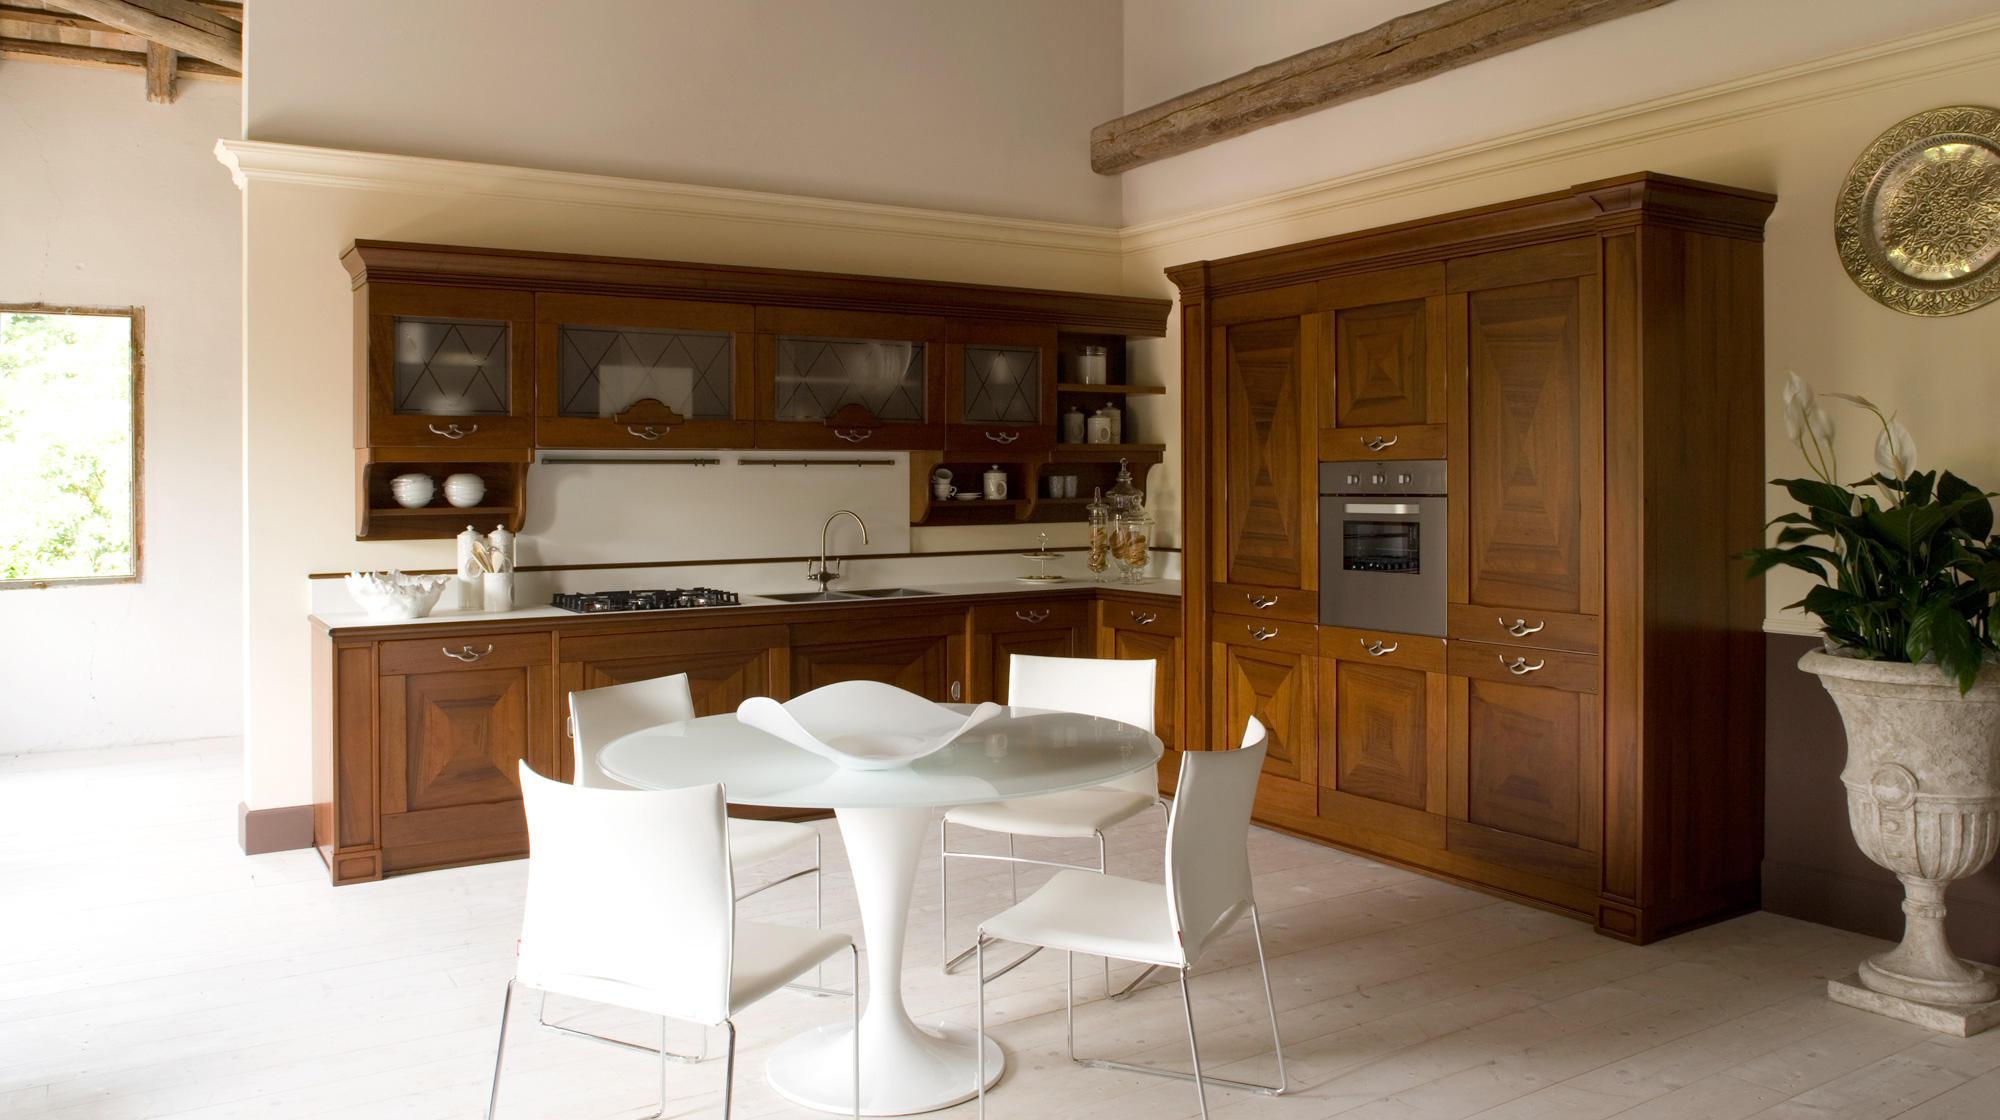 ca veneta by veneta cucine fitted kitchens